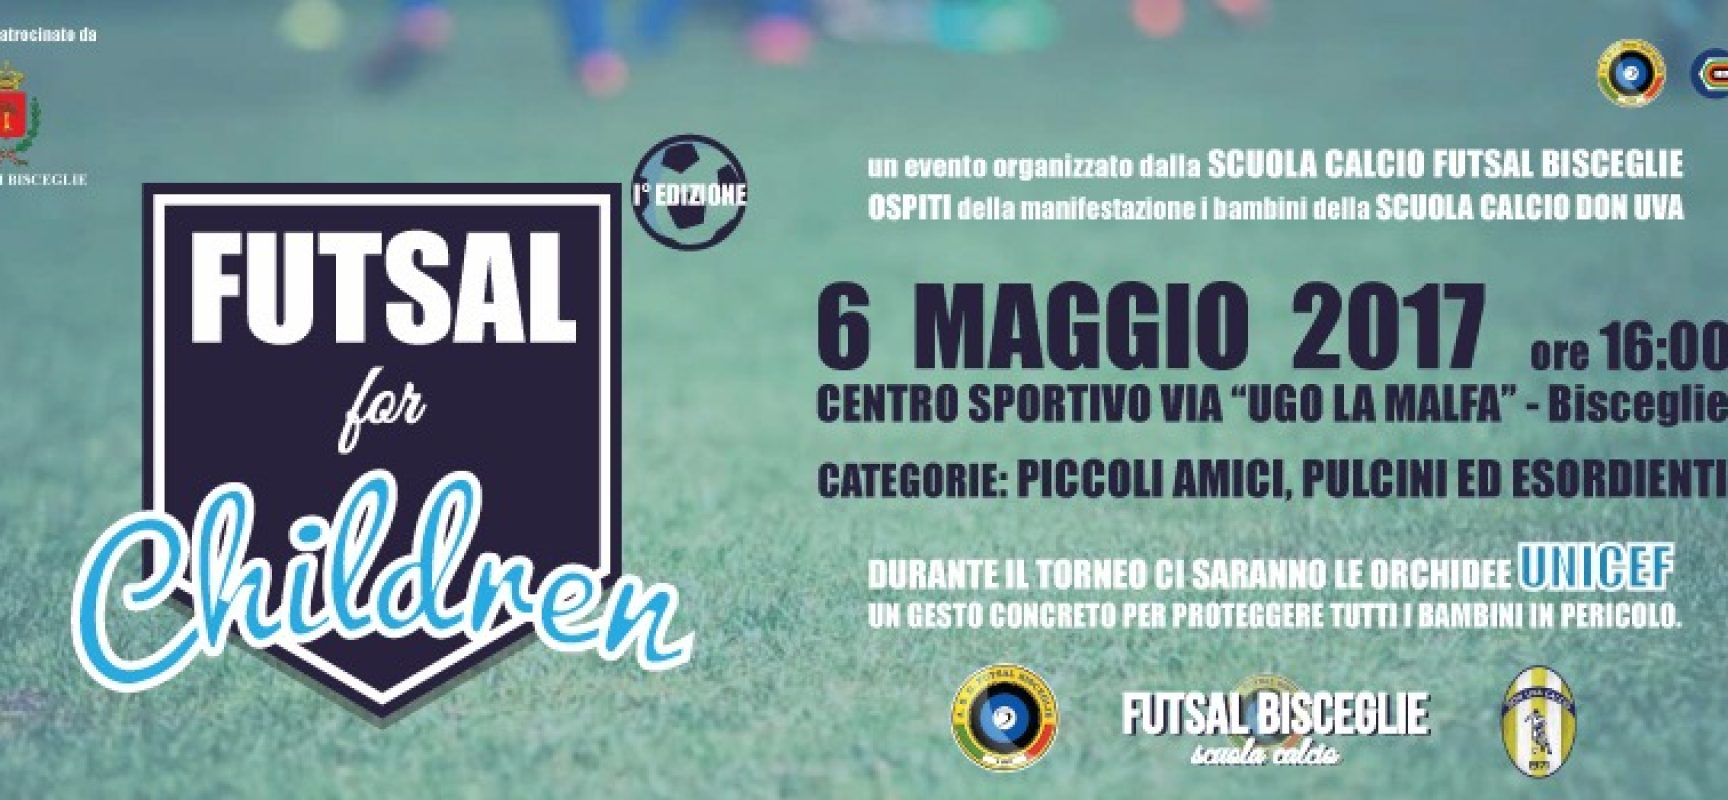 Futsal bisceglie domani prima edizione del torneo giovanile futsal for children bisceglie24 - Idea casa bisceglie ...